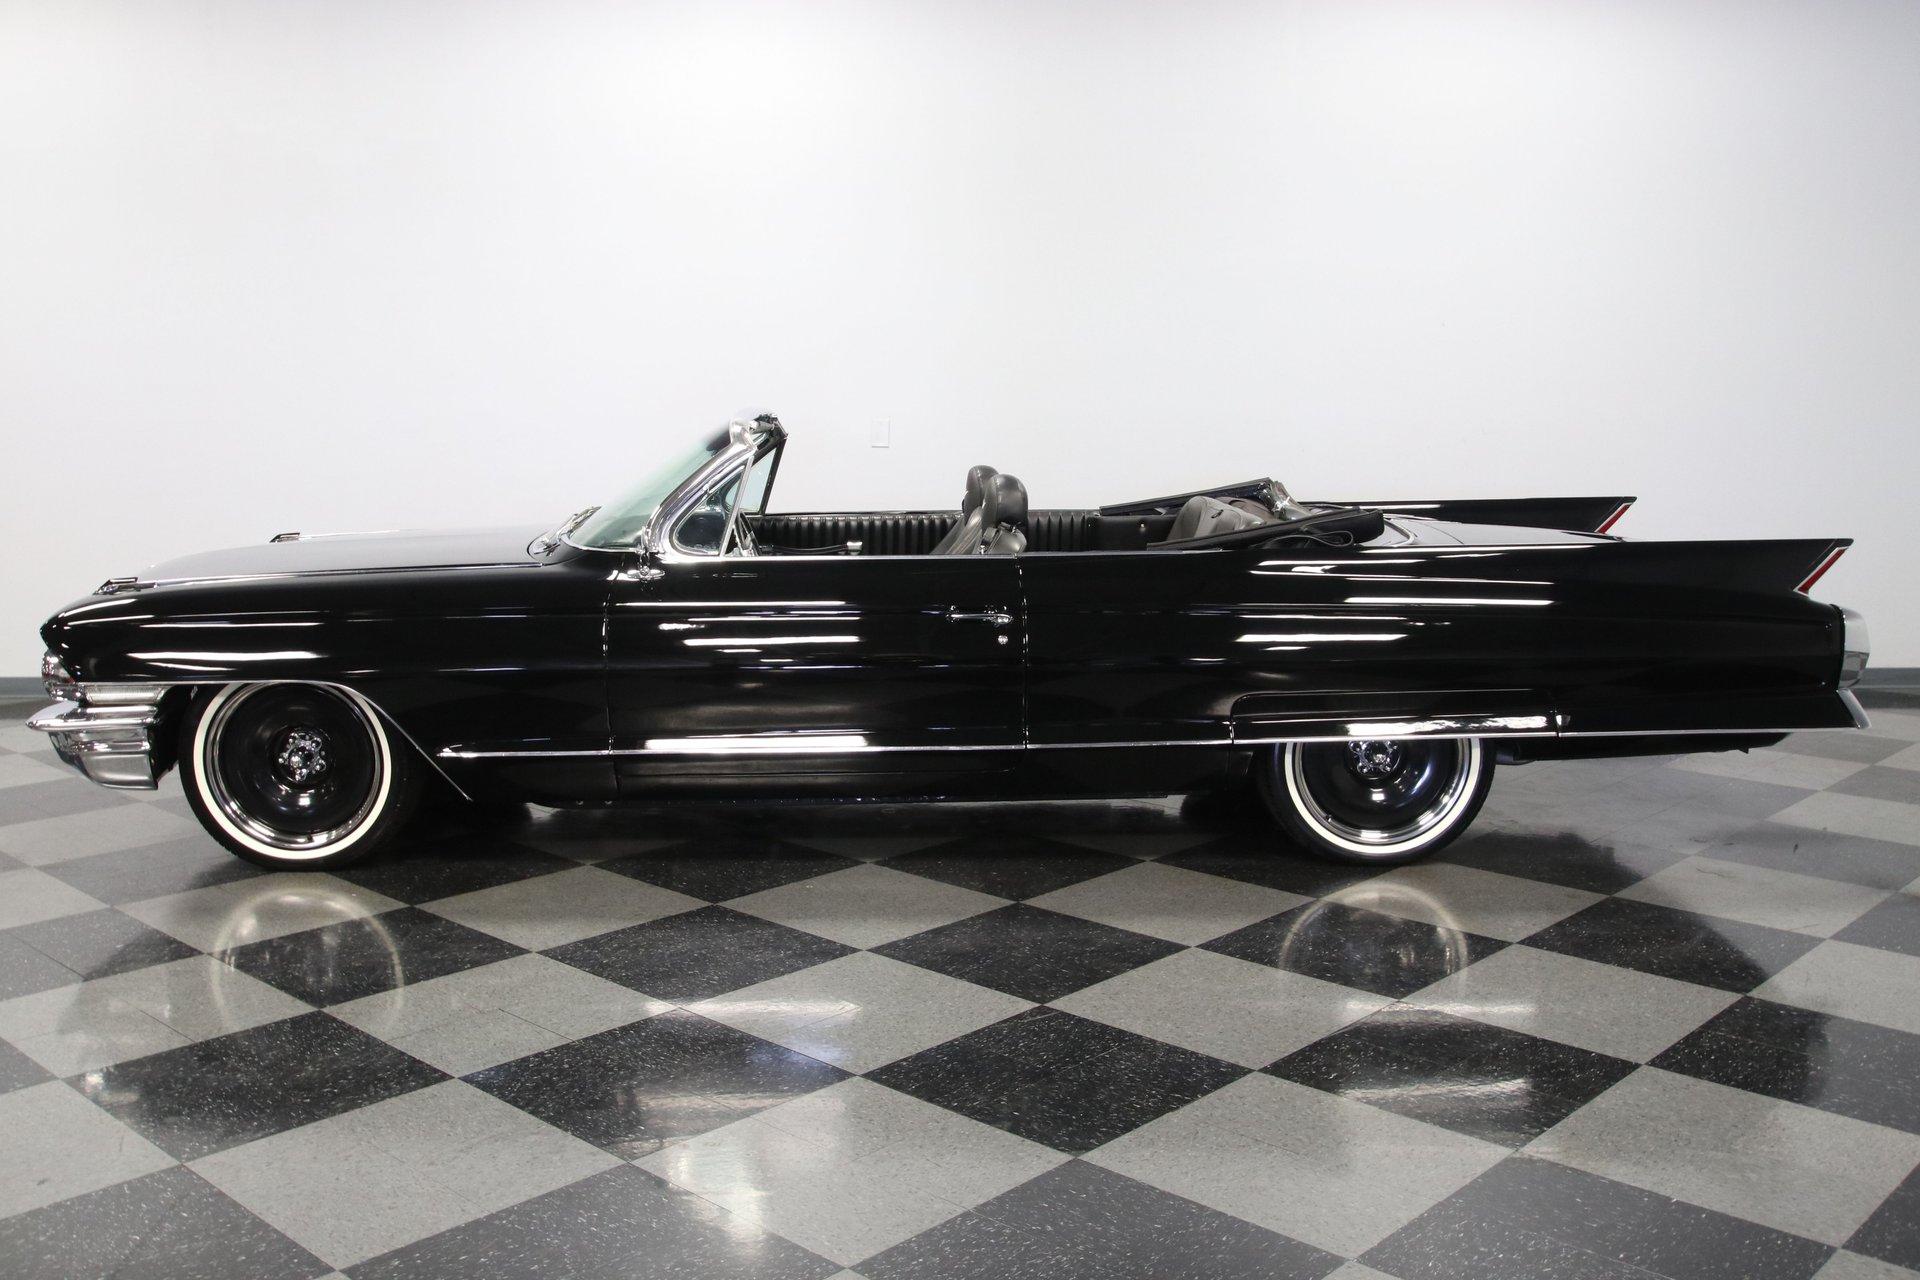 1962 cadillac series 62 convertible restomod